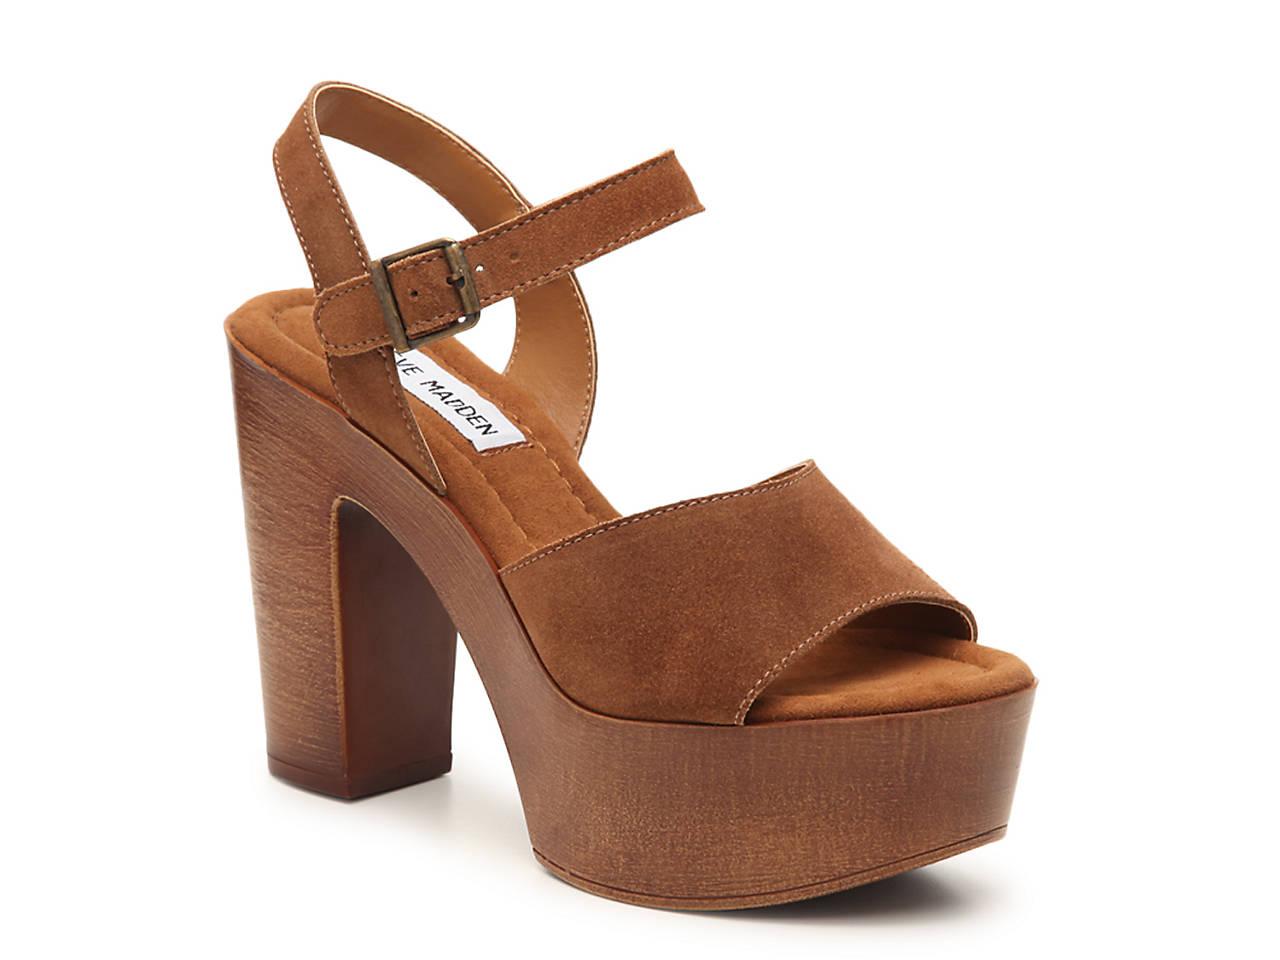 b7eb8da946c8 Steve Madden Clique Platform Sandal Women s Shoes